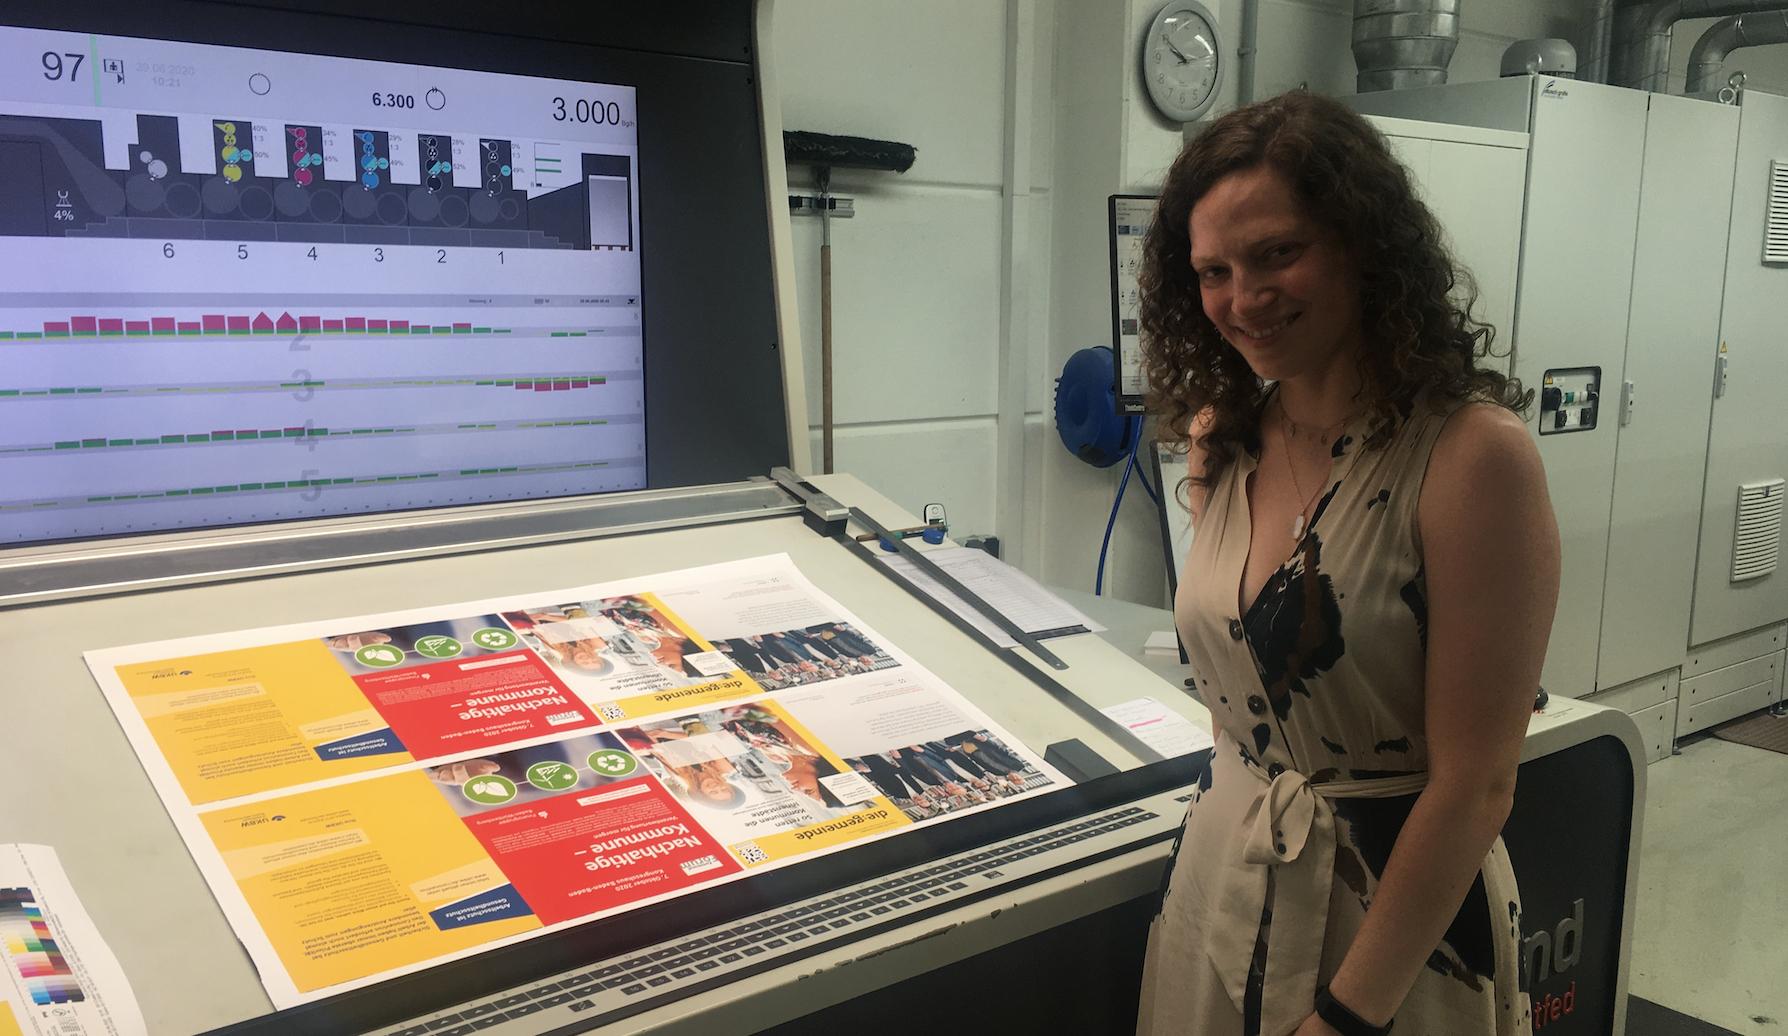 Rebecca Piron, langjährige Redakteurin bei KOMMUNAL wird neue Chefin vom Dienst für die:gemeinde in Stuttgart - beim Andruck der Erstausgabe war sie in der Druckerei dabei